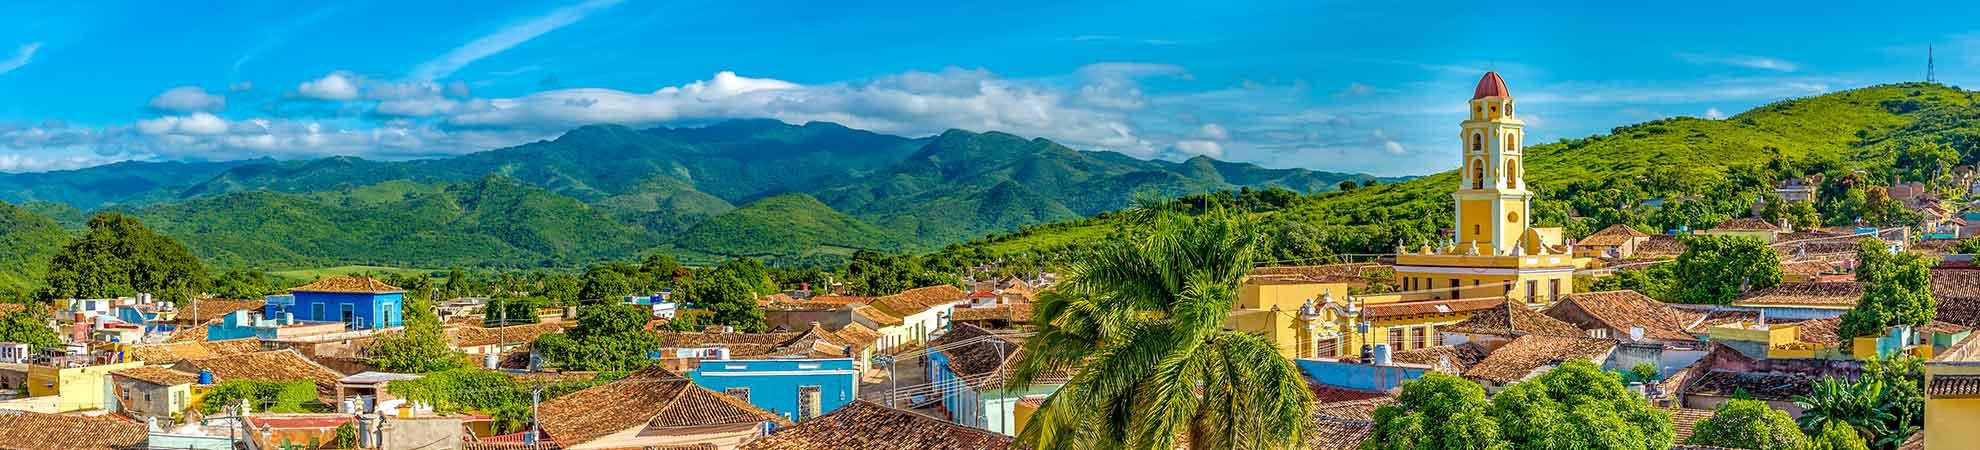 Voyage à Cuba et à La Havane